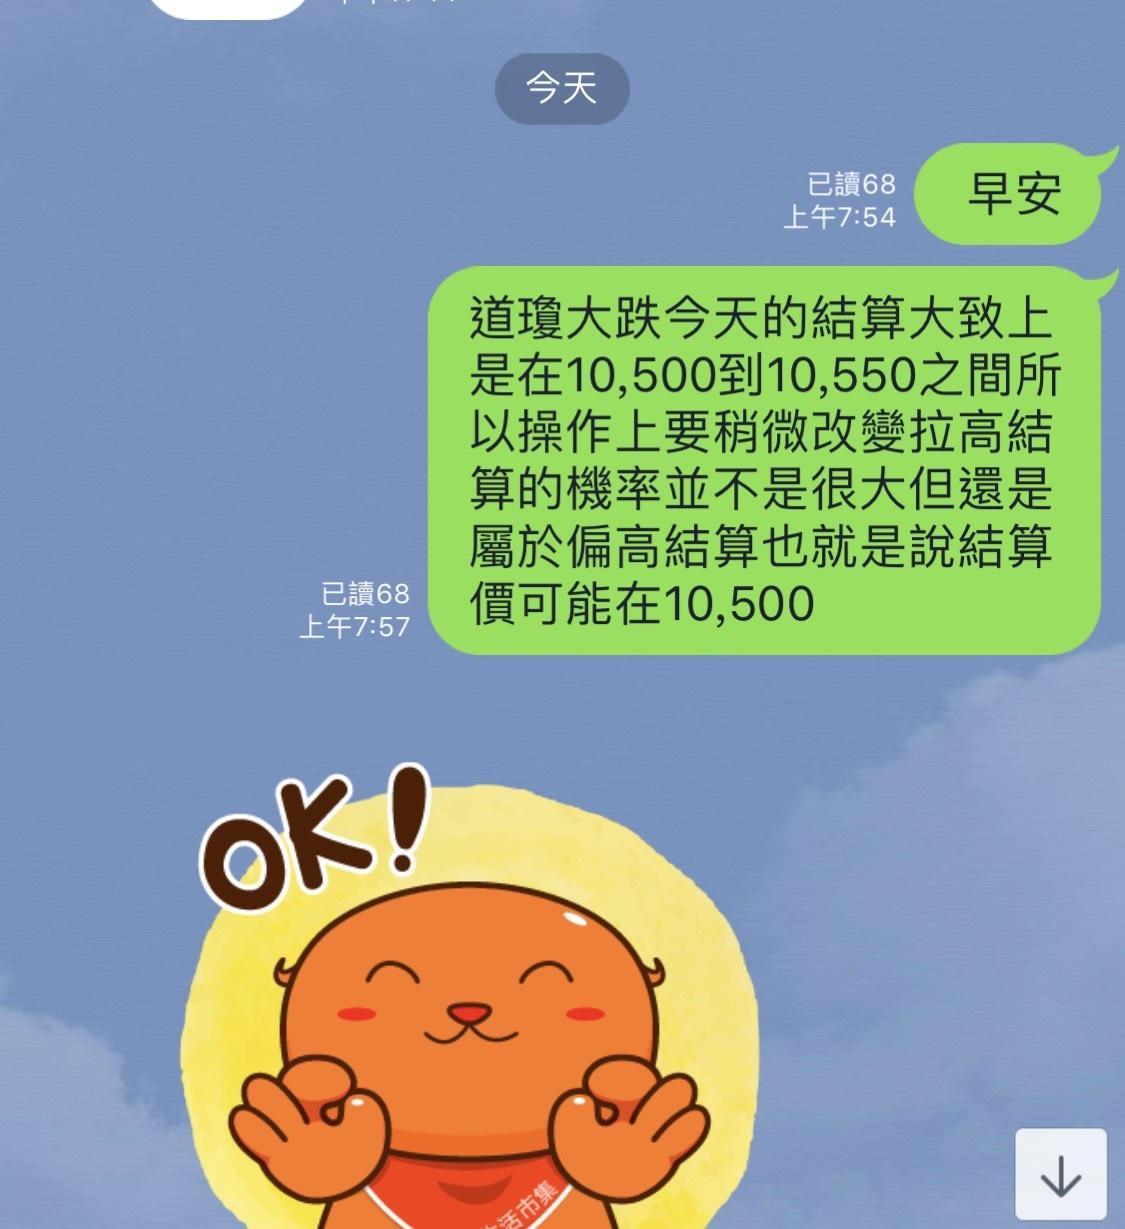 8月21日~~~奧丁當沖期貨小資族的小確幸!!!